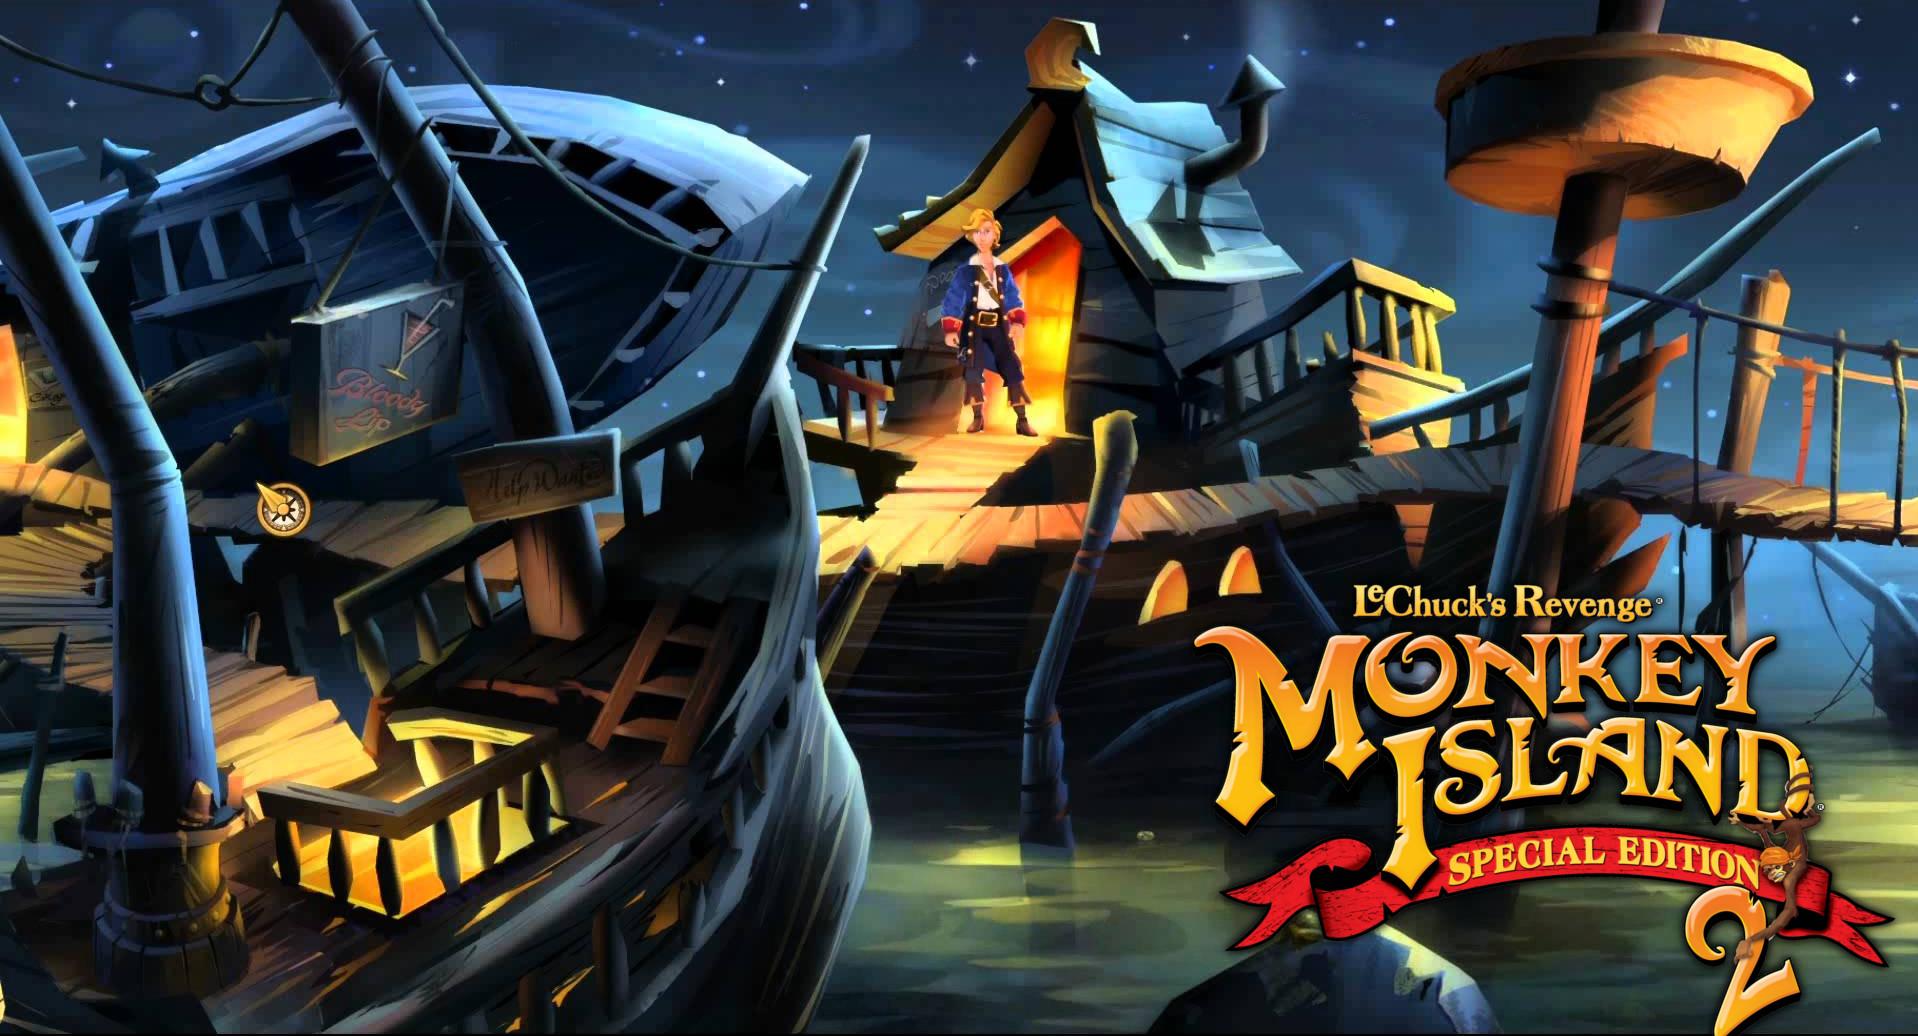 Monkey Island Emulator